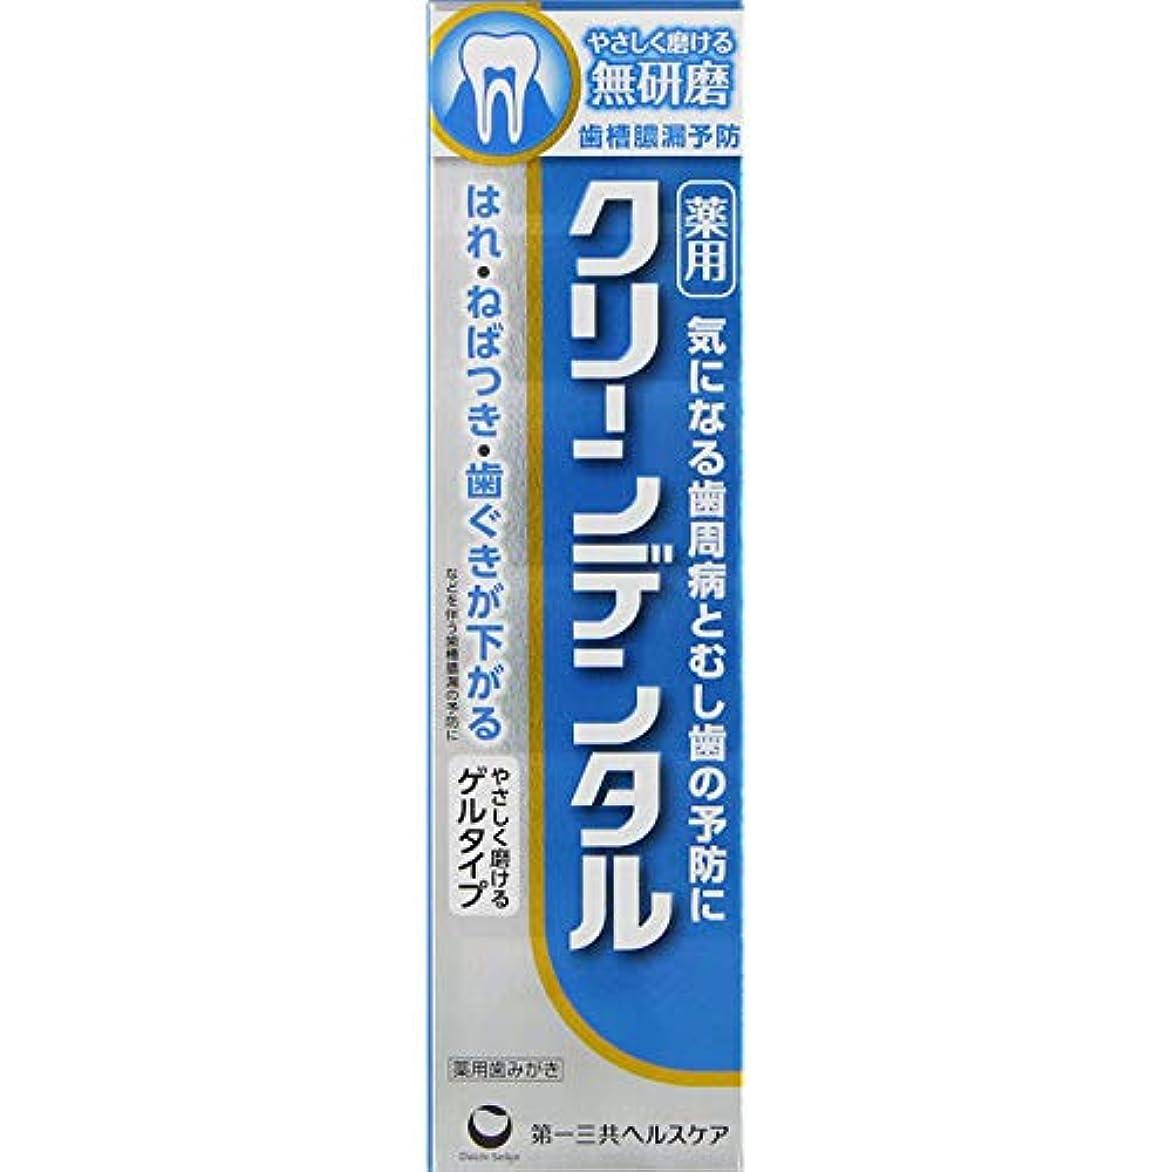 肘掛け椅子株式俳句第一三共ヘルスケア クリーンデンタル 無研磨 90g ×6個